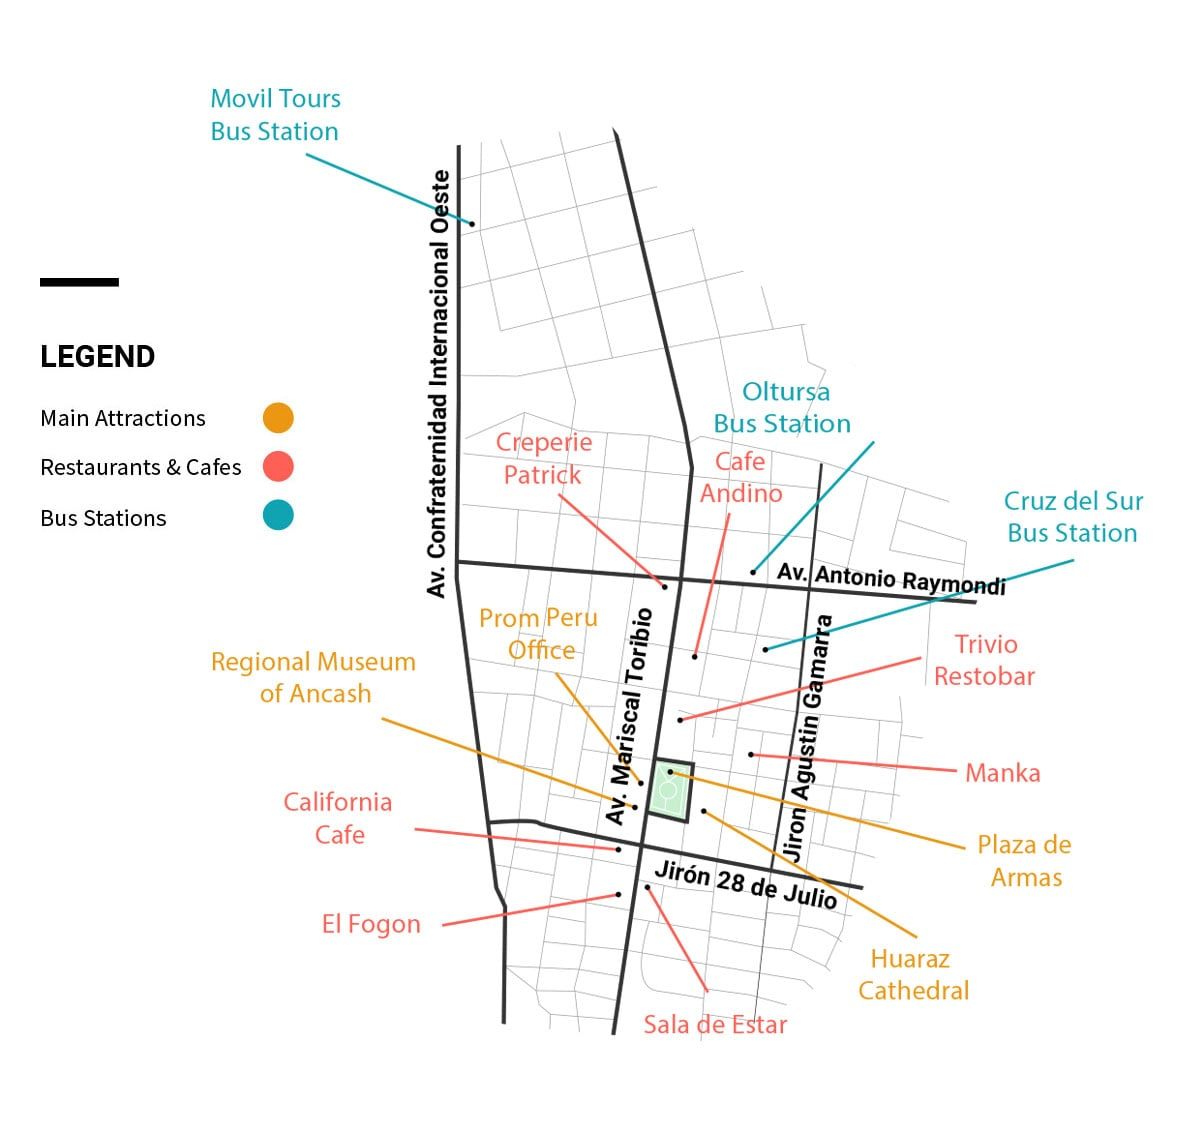 City map of Huaraz